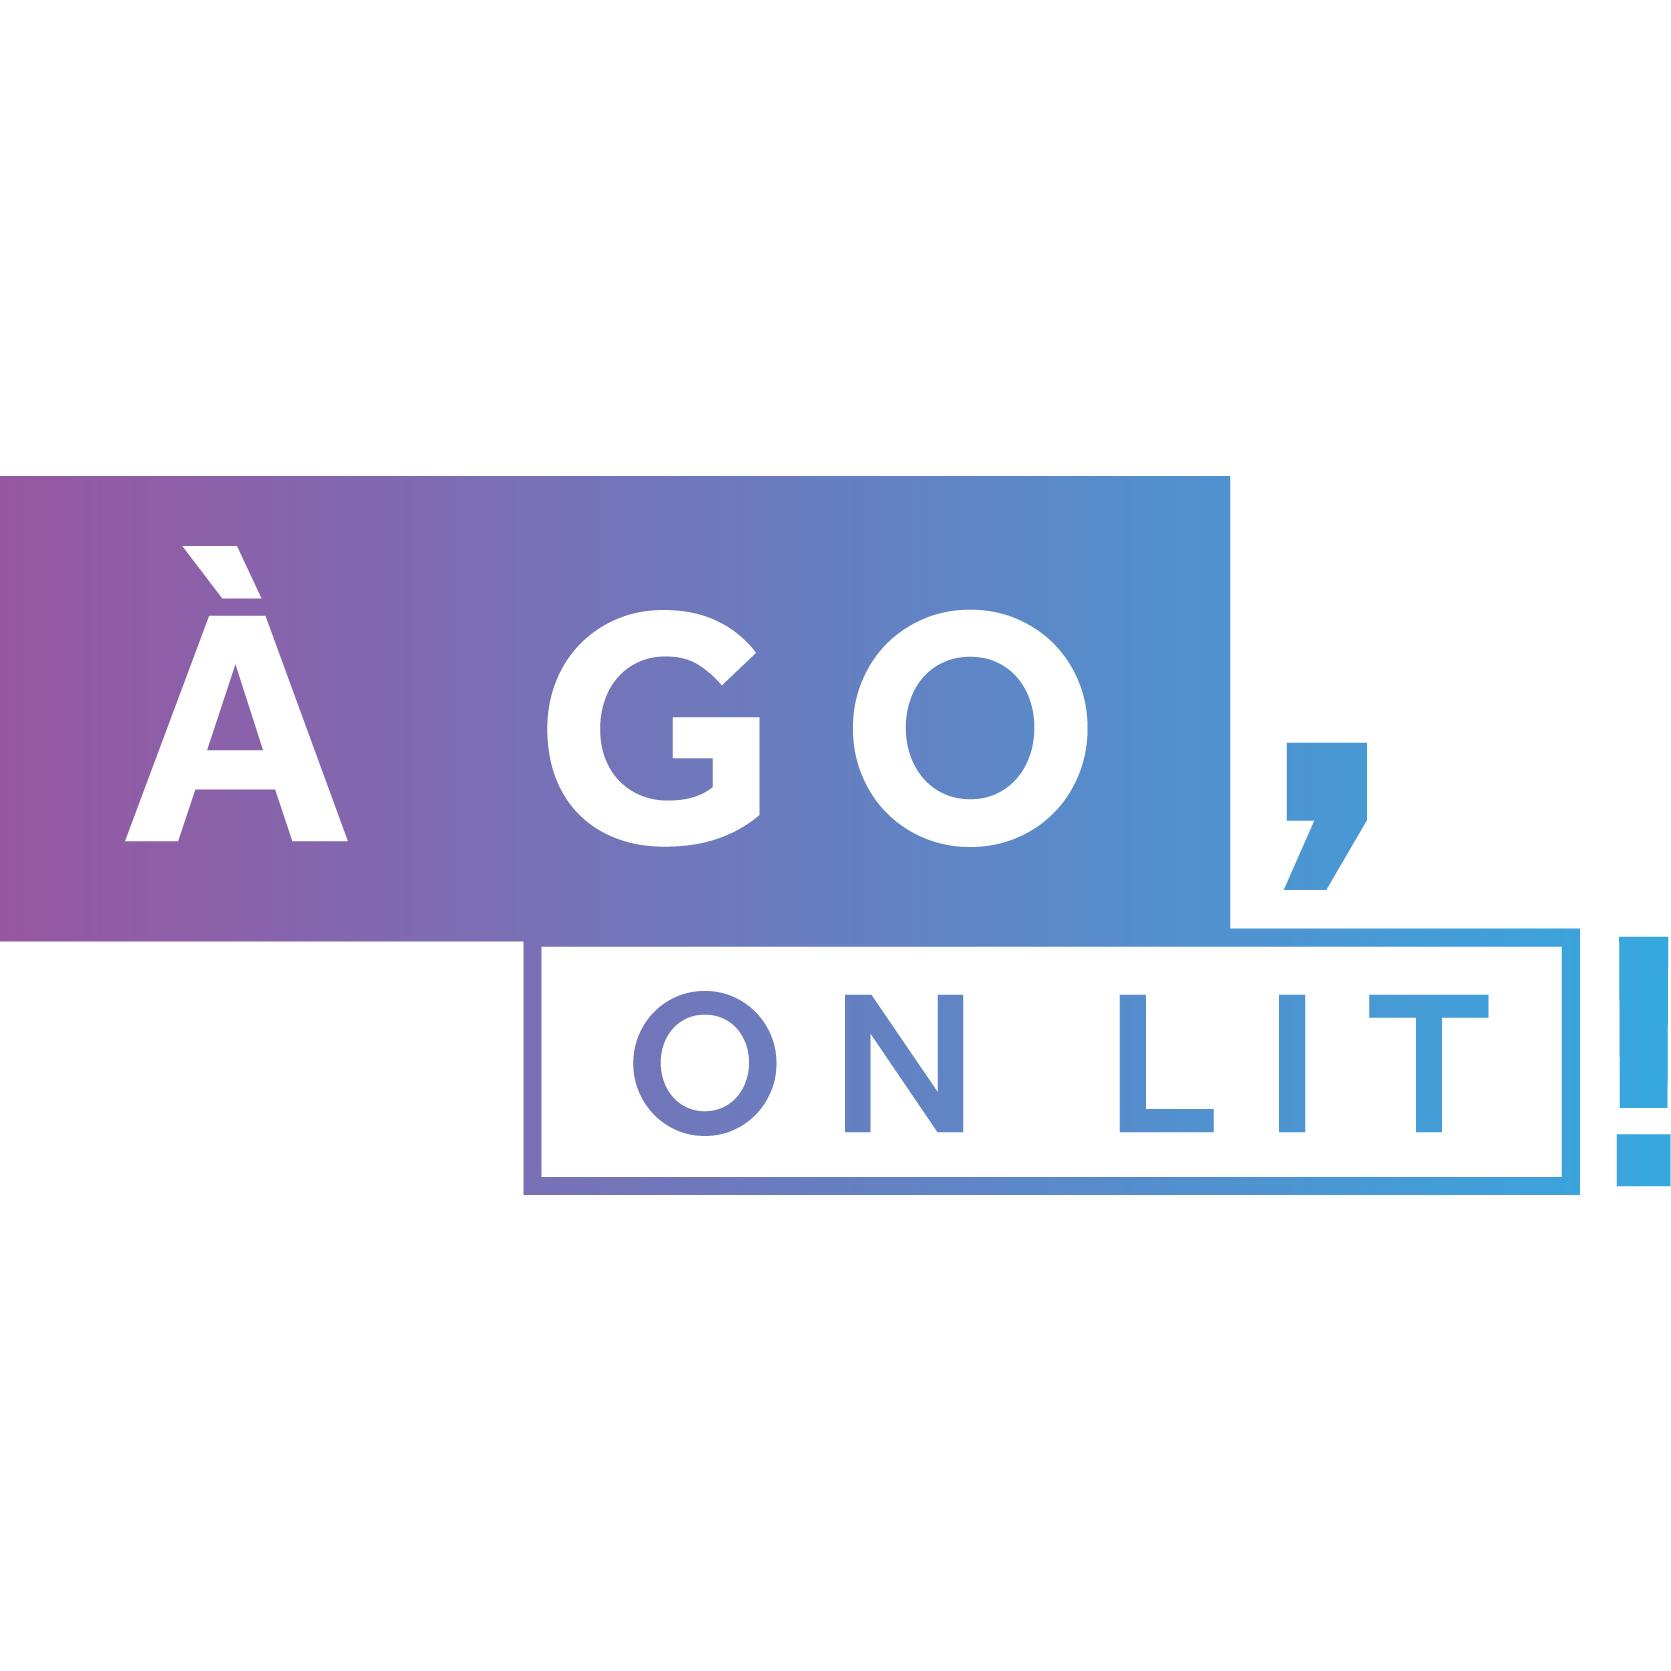 2019 AGOL LogoDegrade 002